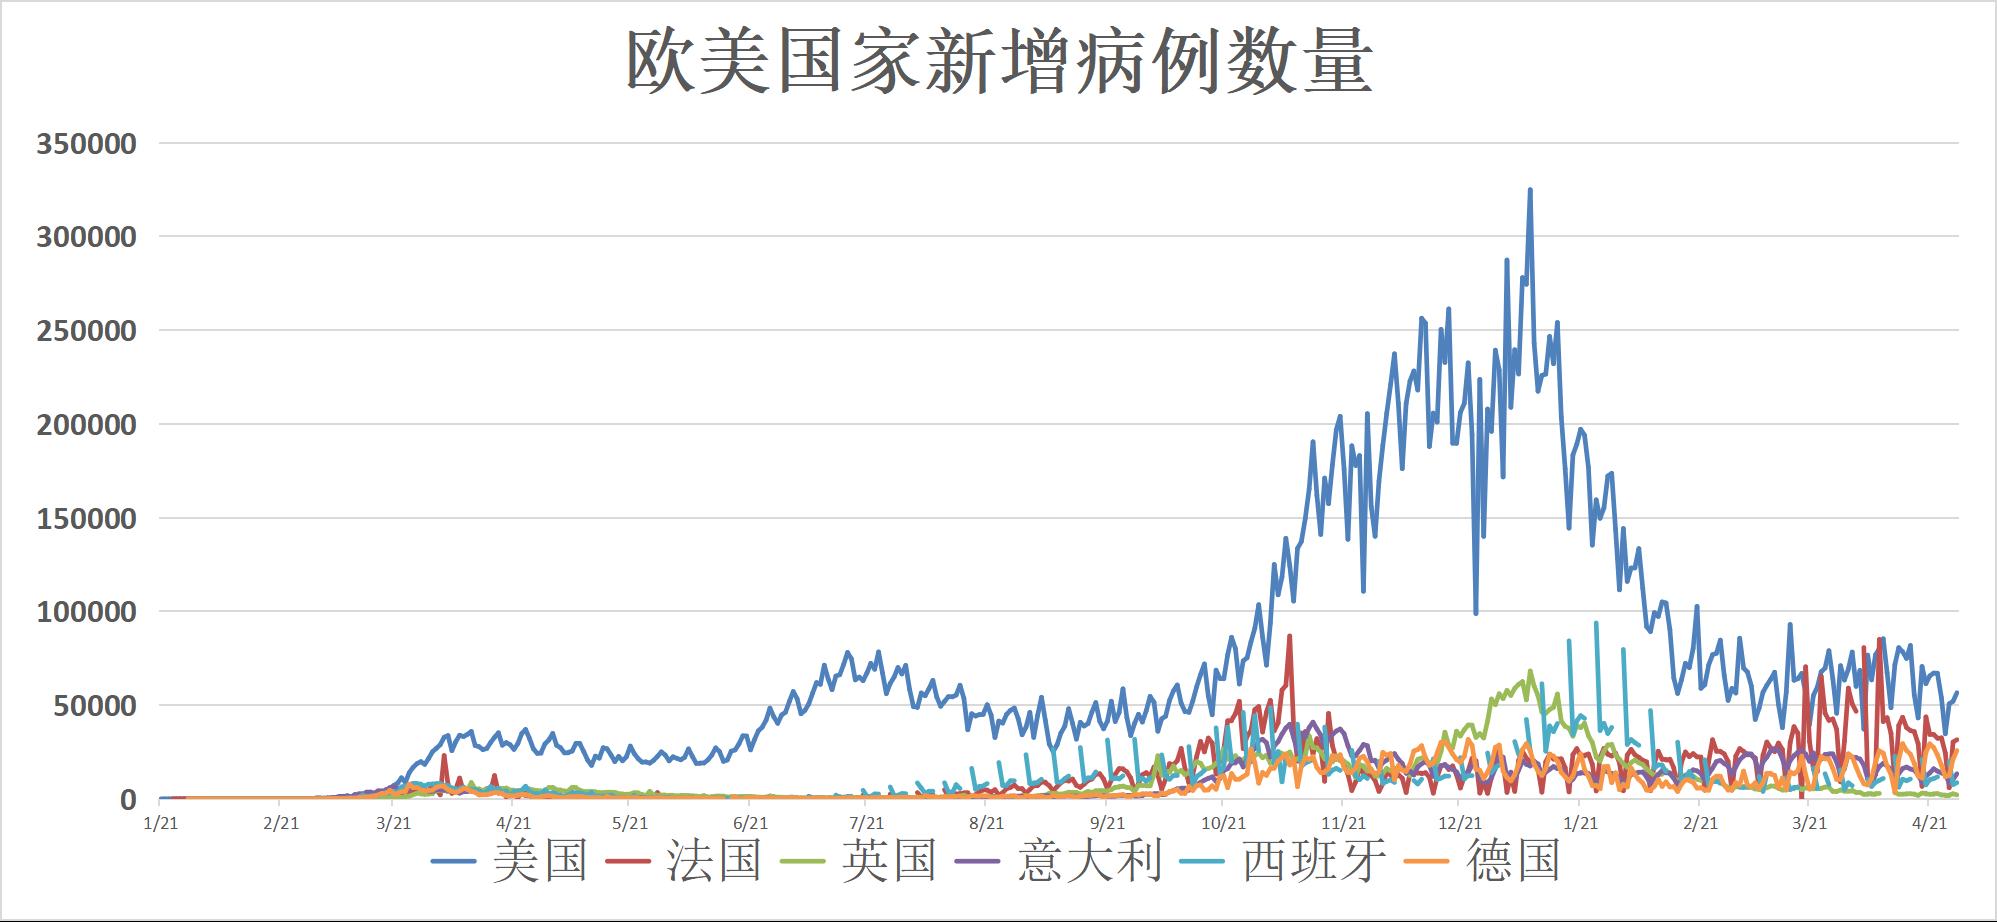 全球疫情动态【4月29日】:印度单日感染人数突破37万 中国疫情高风险区清零